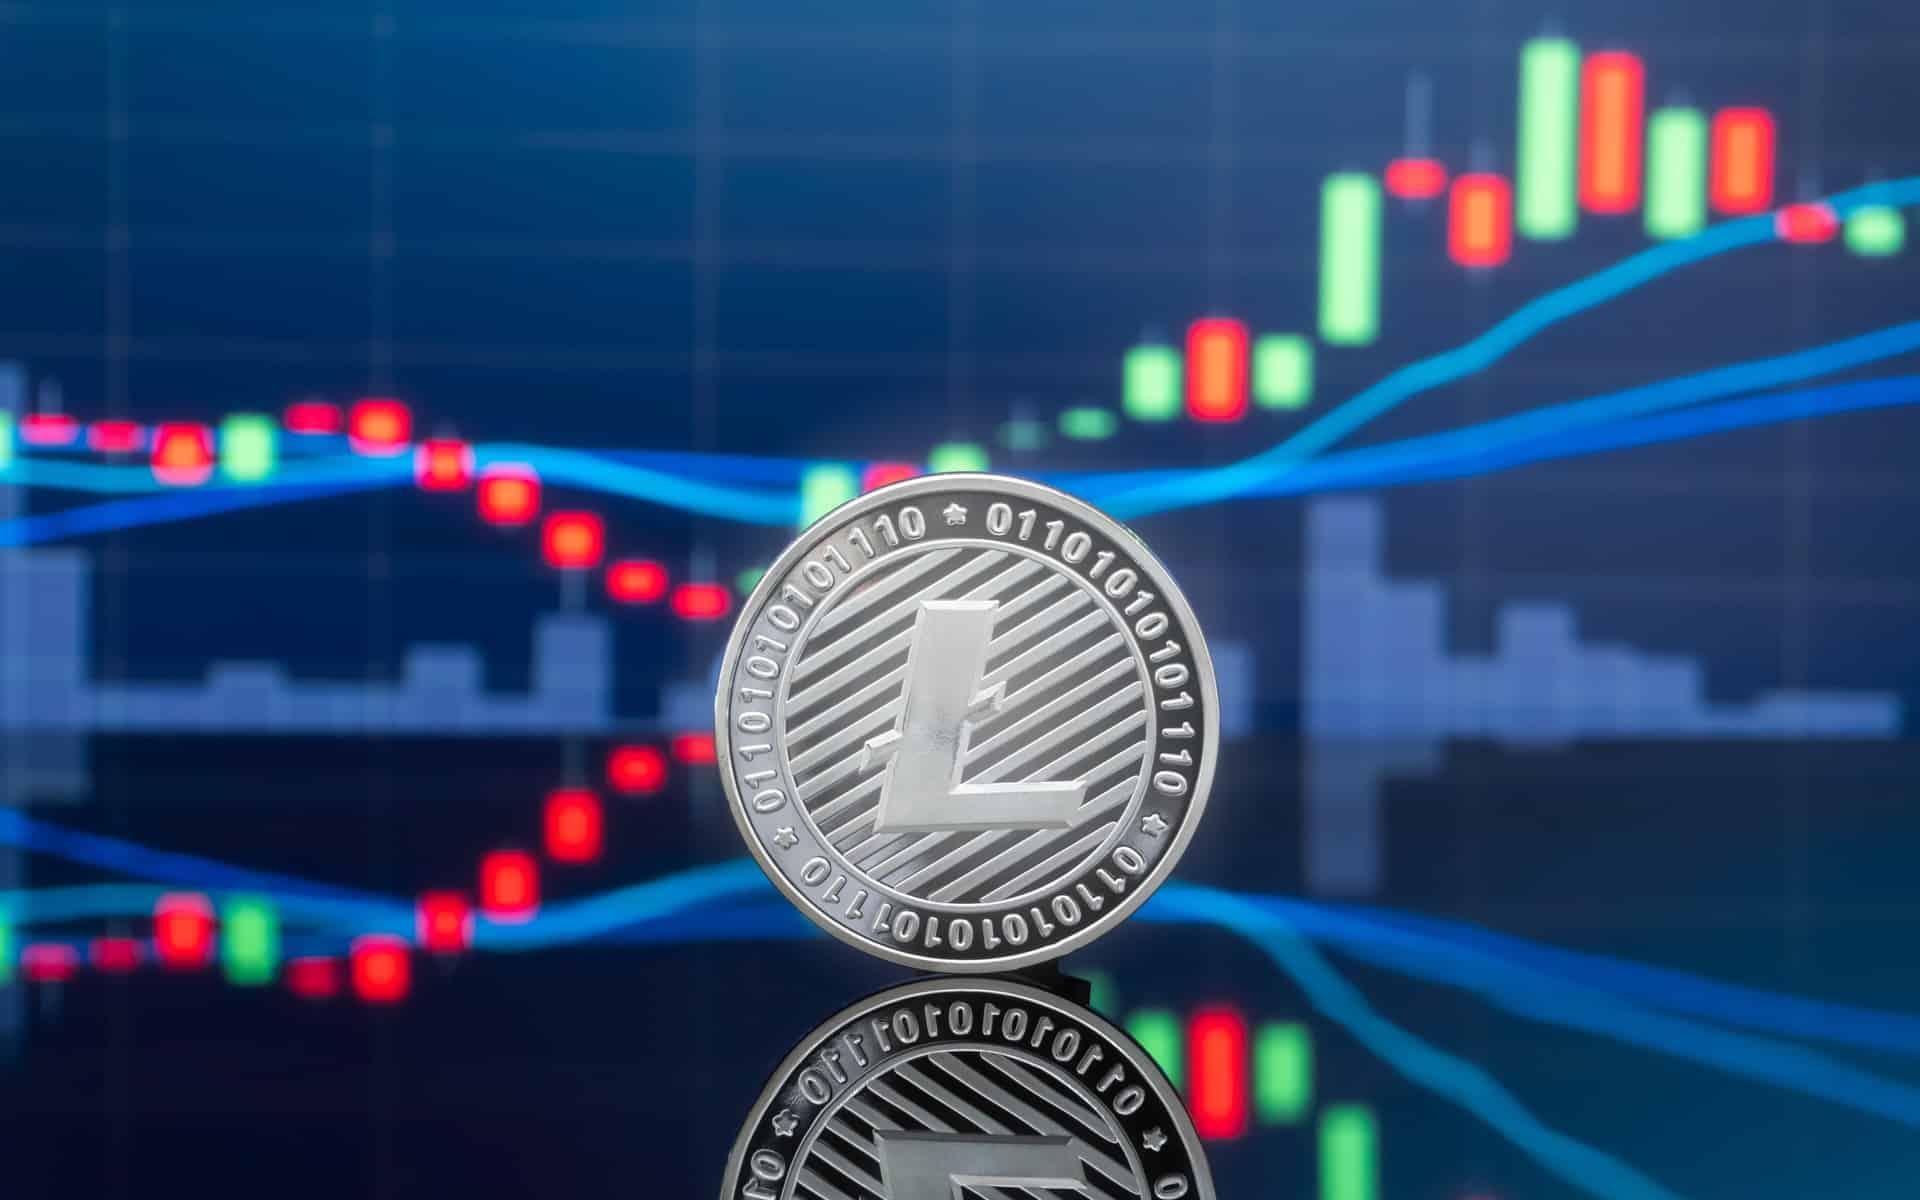 Litecoin fiyat analizi, bu hafta düşüş olabilir